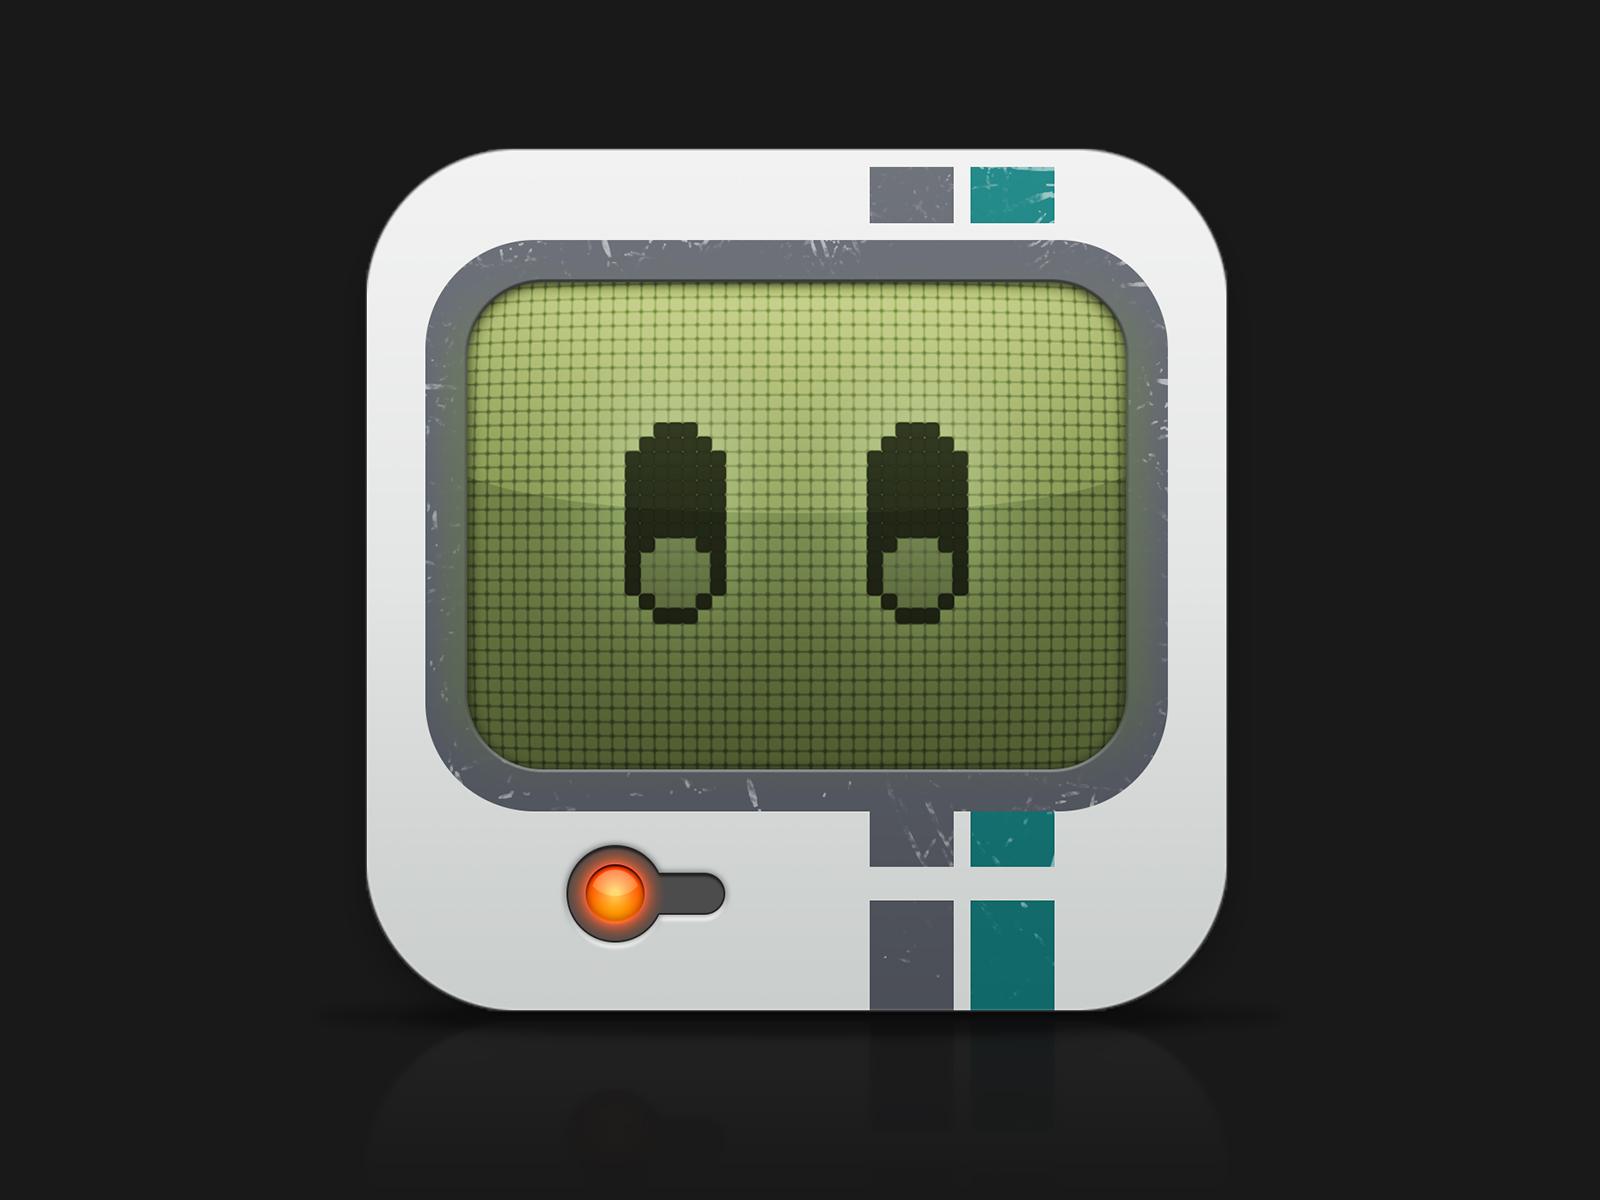 RCJ_icon.jpg